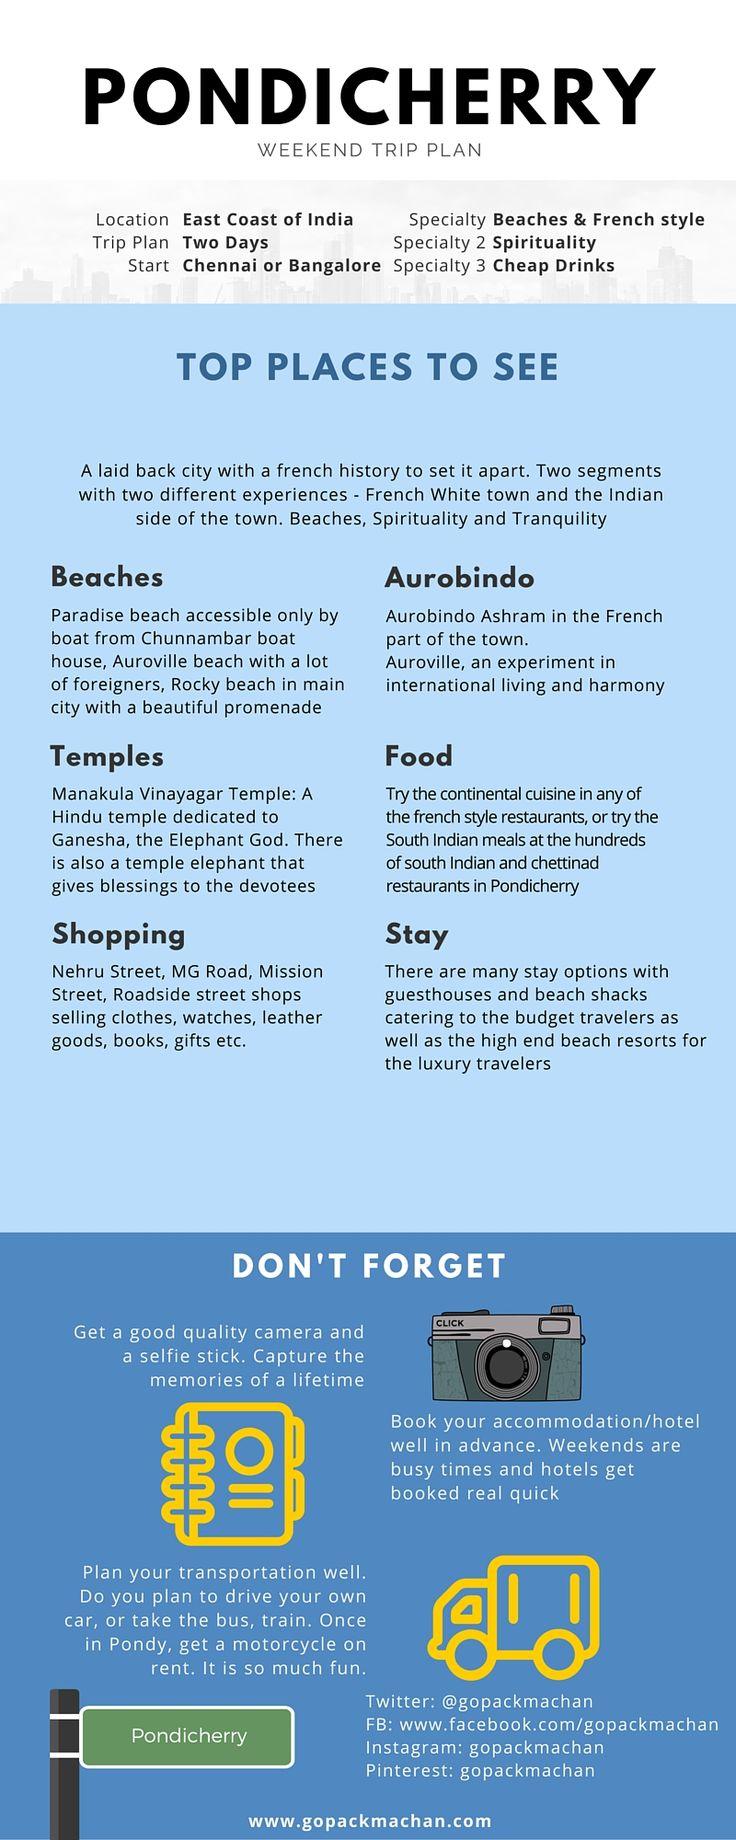 Pondicherry Weekend Trip Plan